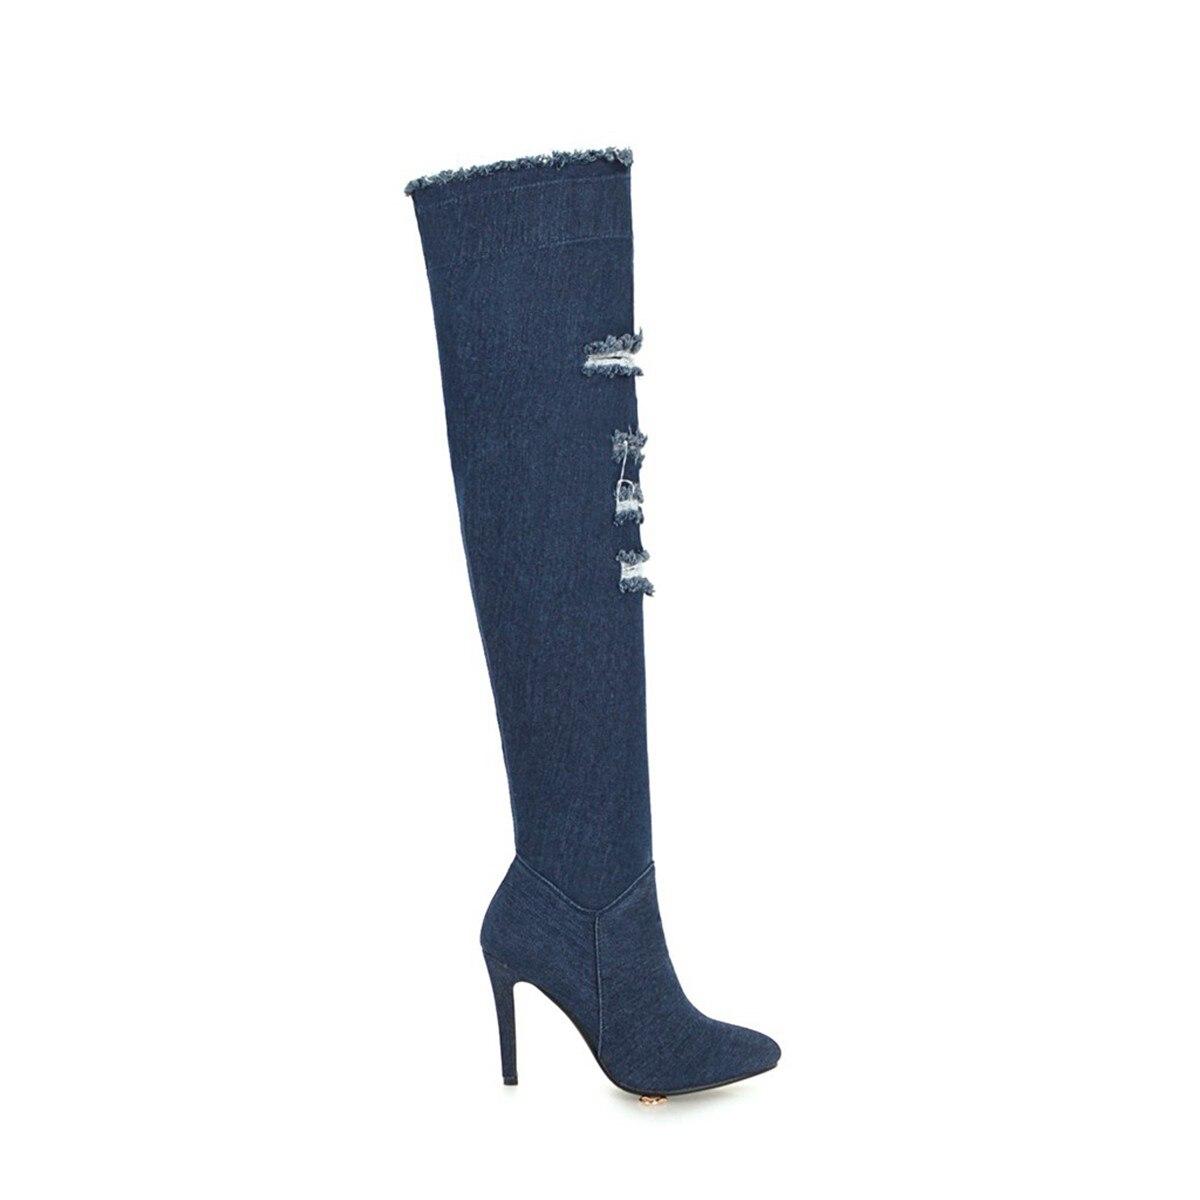 Tacón Cremallera Zapatos Nuevo Rodilla Otoño Estrecha Sexy Denim Blue light Blue Invierno Sobre Mujeres Punta De Moda La Botas Azul Fino Dark Damas 2018 HxT7wzqXO